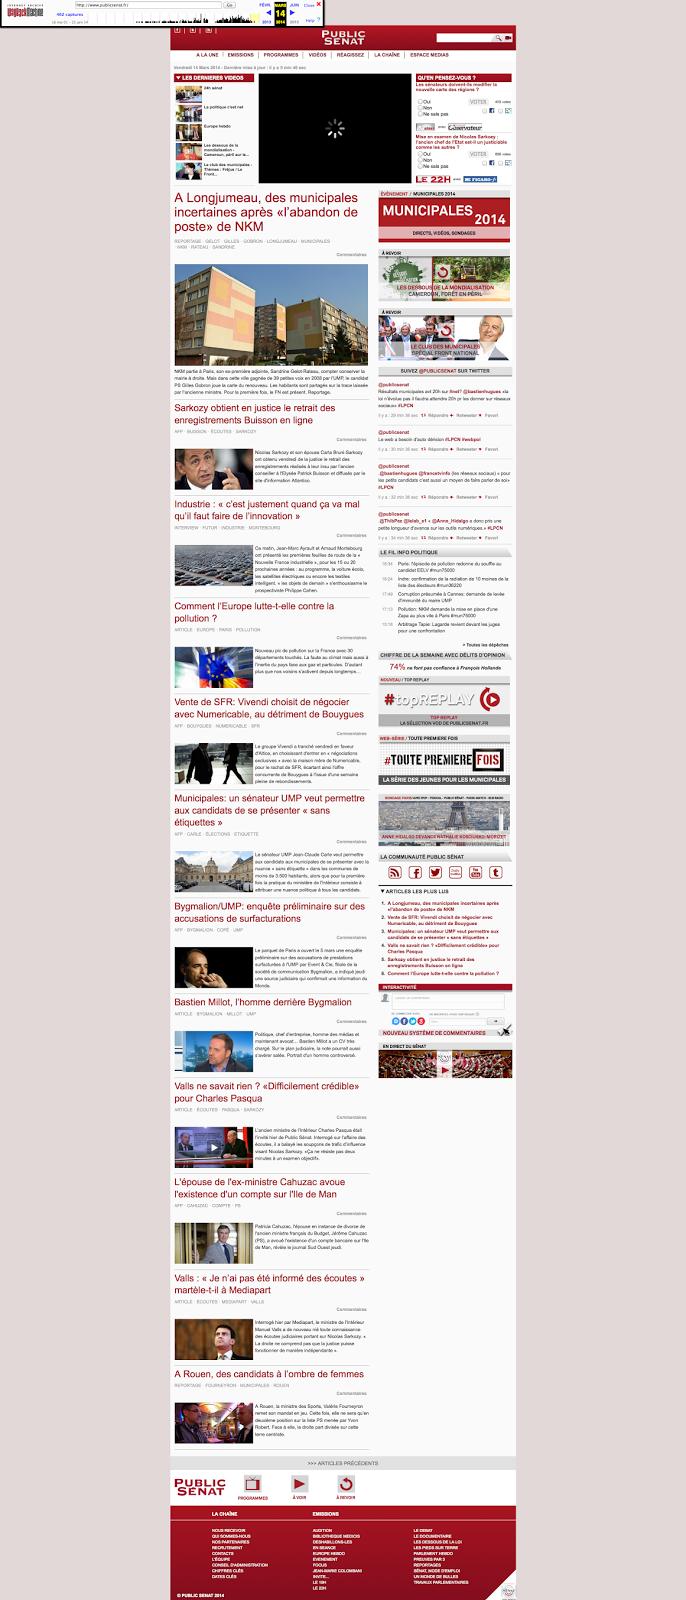 Le fil info Public Sénat en 2014